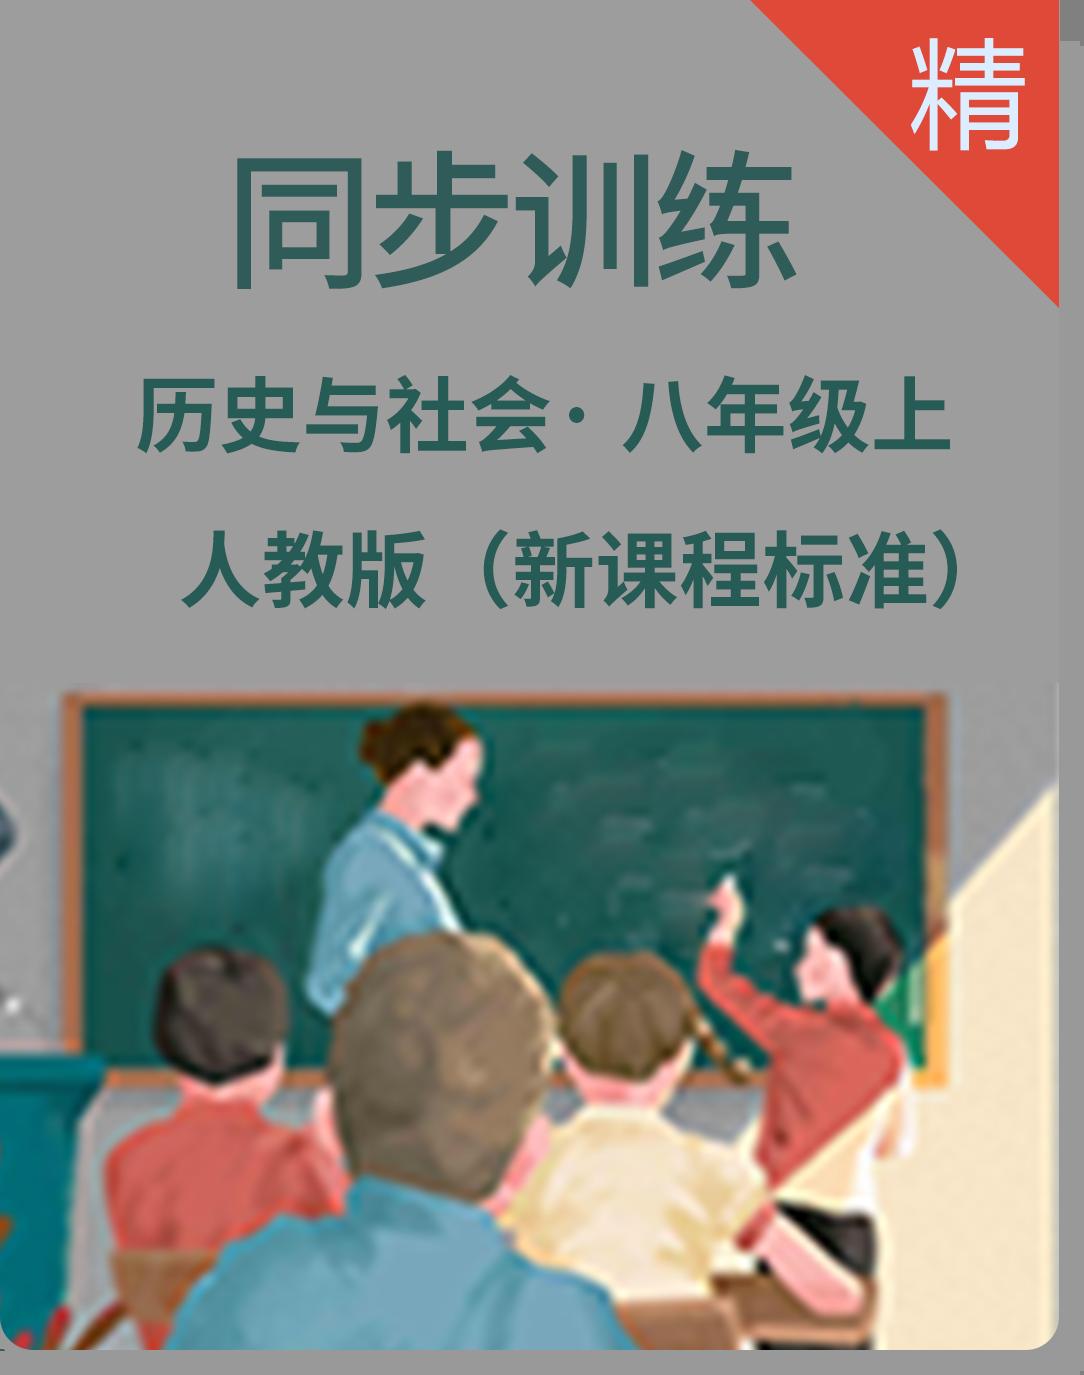 人教版(新课程标准)历史与社会八年级上册同步训练(含解析)